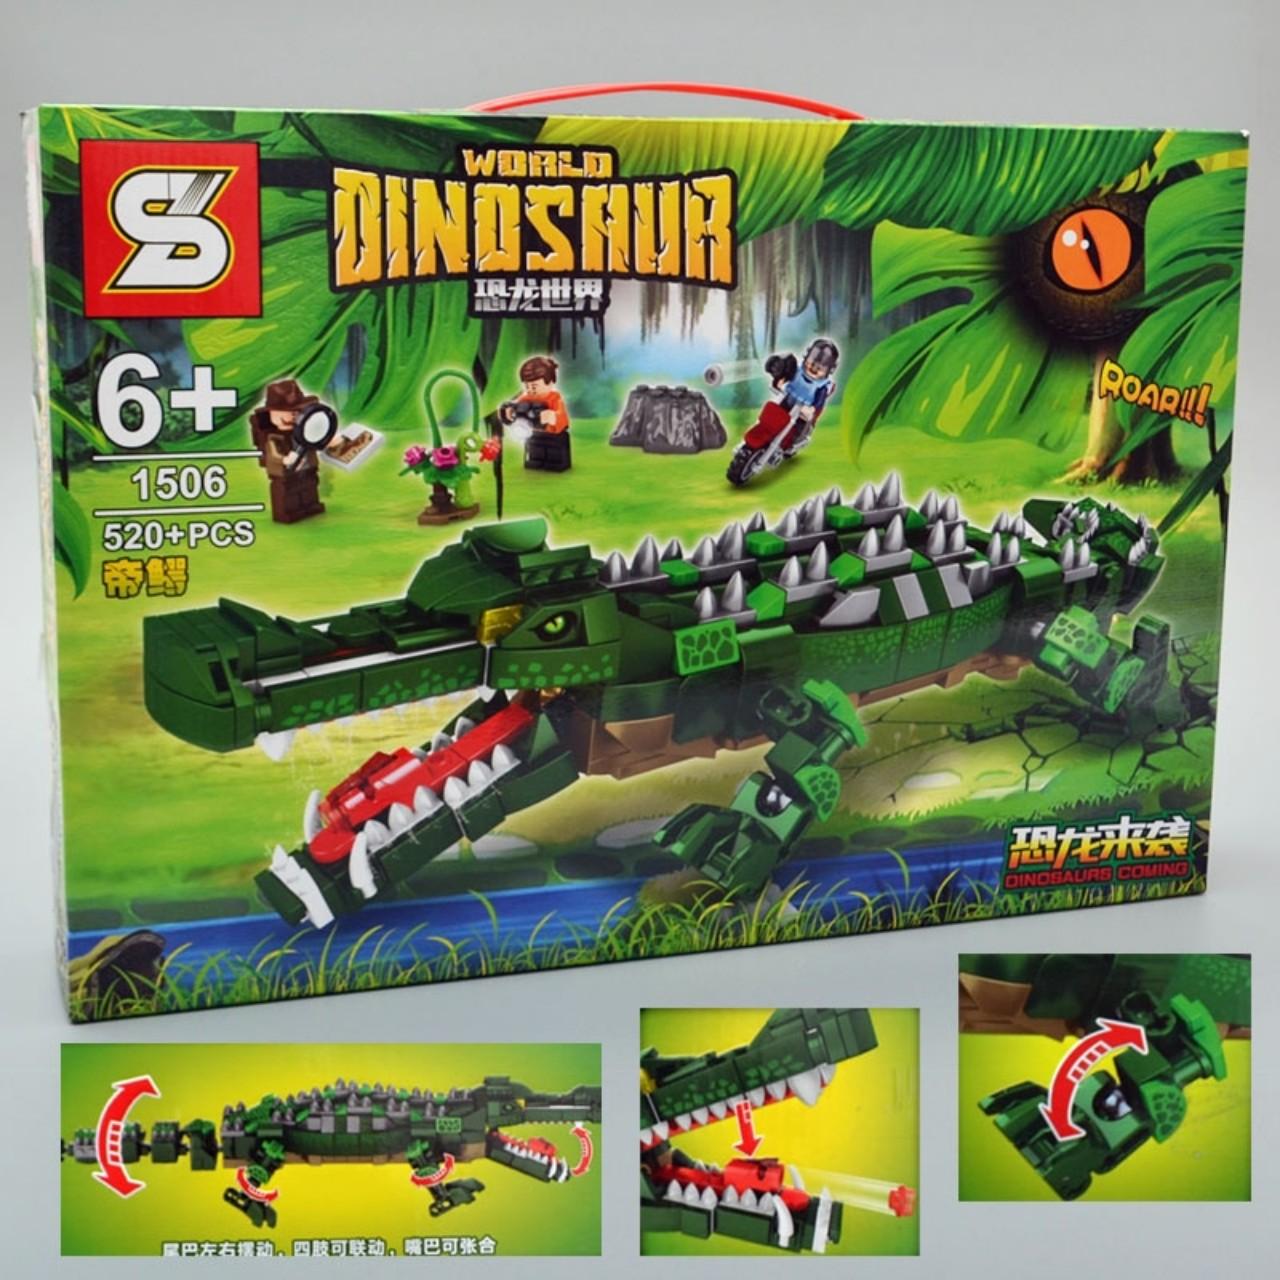 Đồ chơi lắp ráp lego cá sấu khổng lồ - 1506